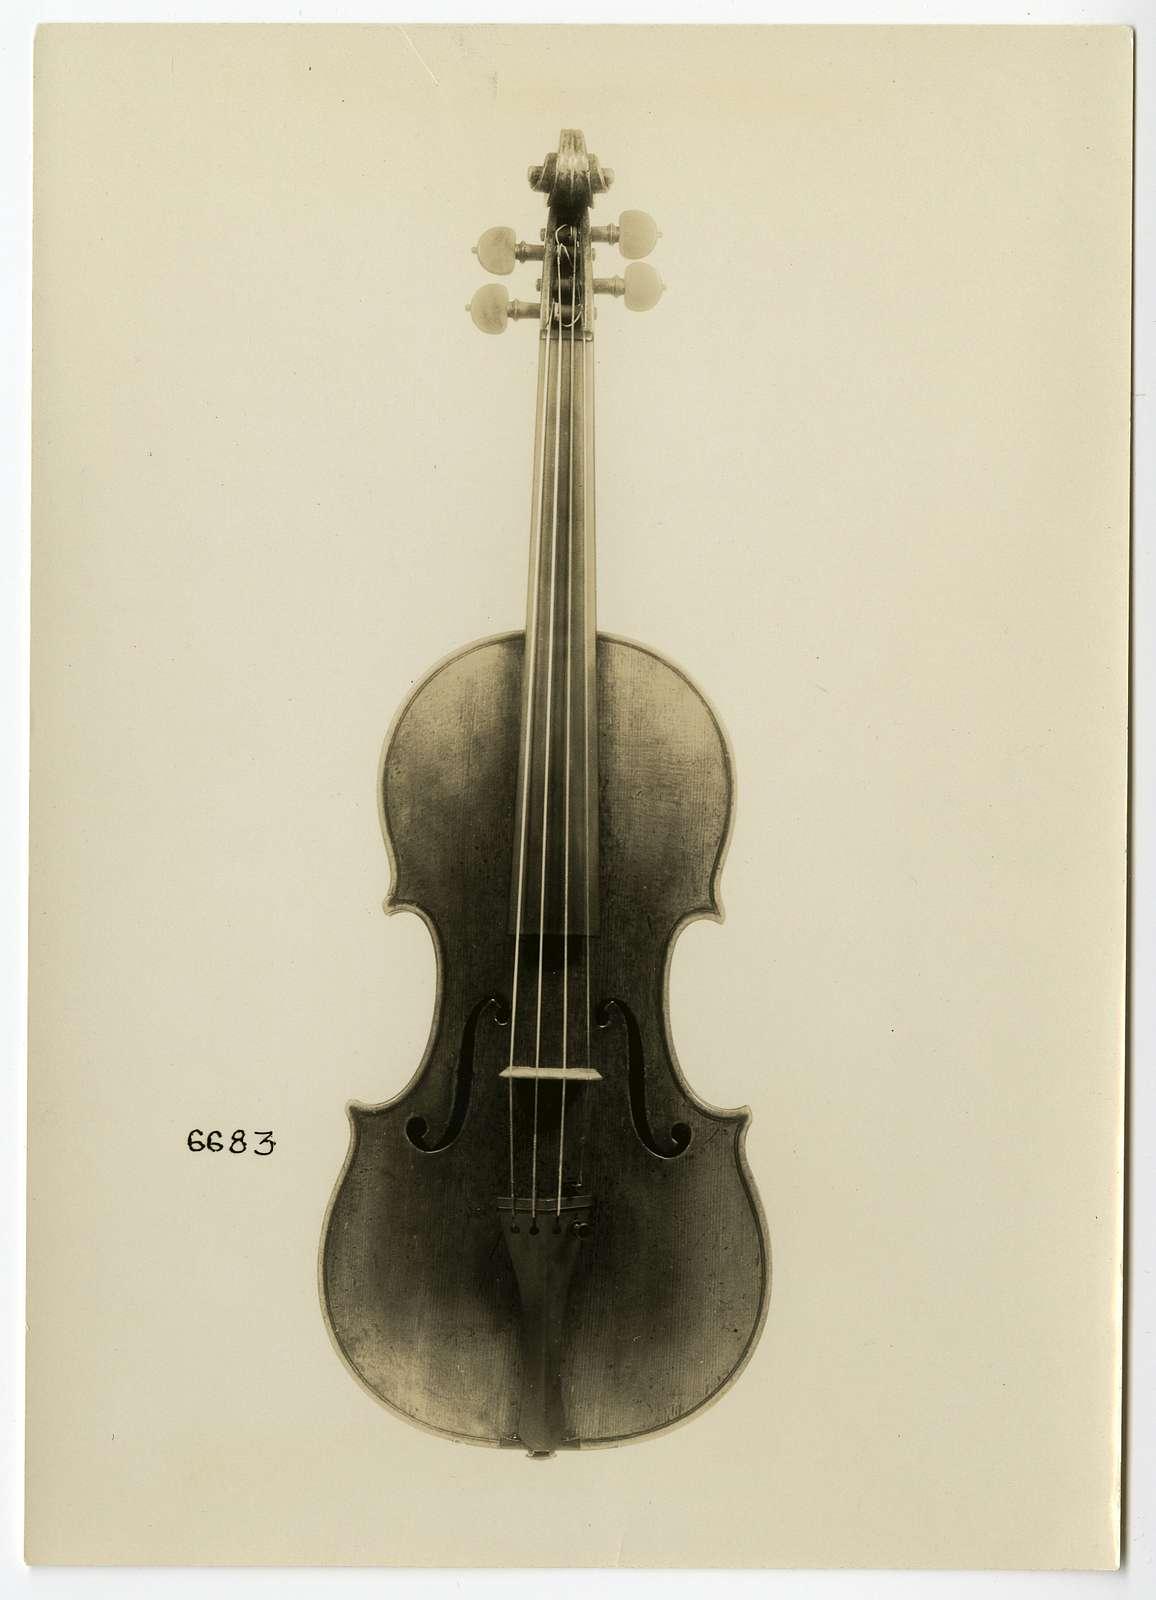 Violin, Antonio Stradivari, Cremona, 1690